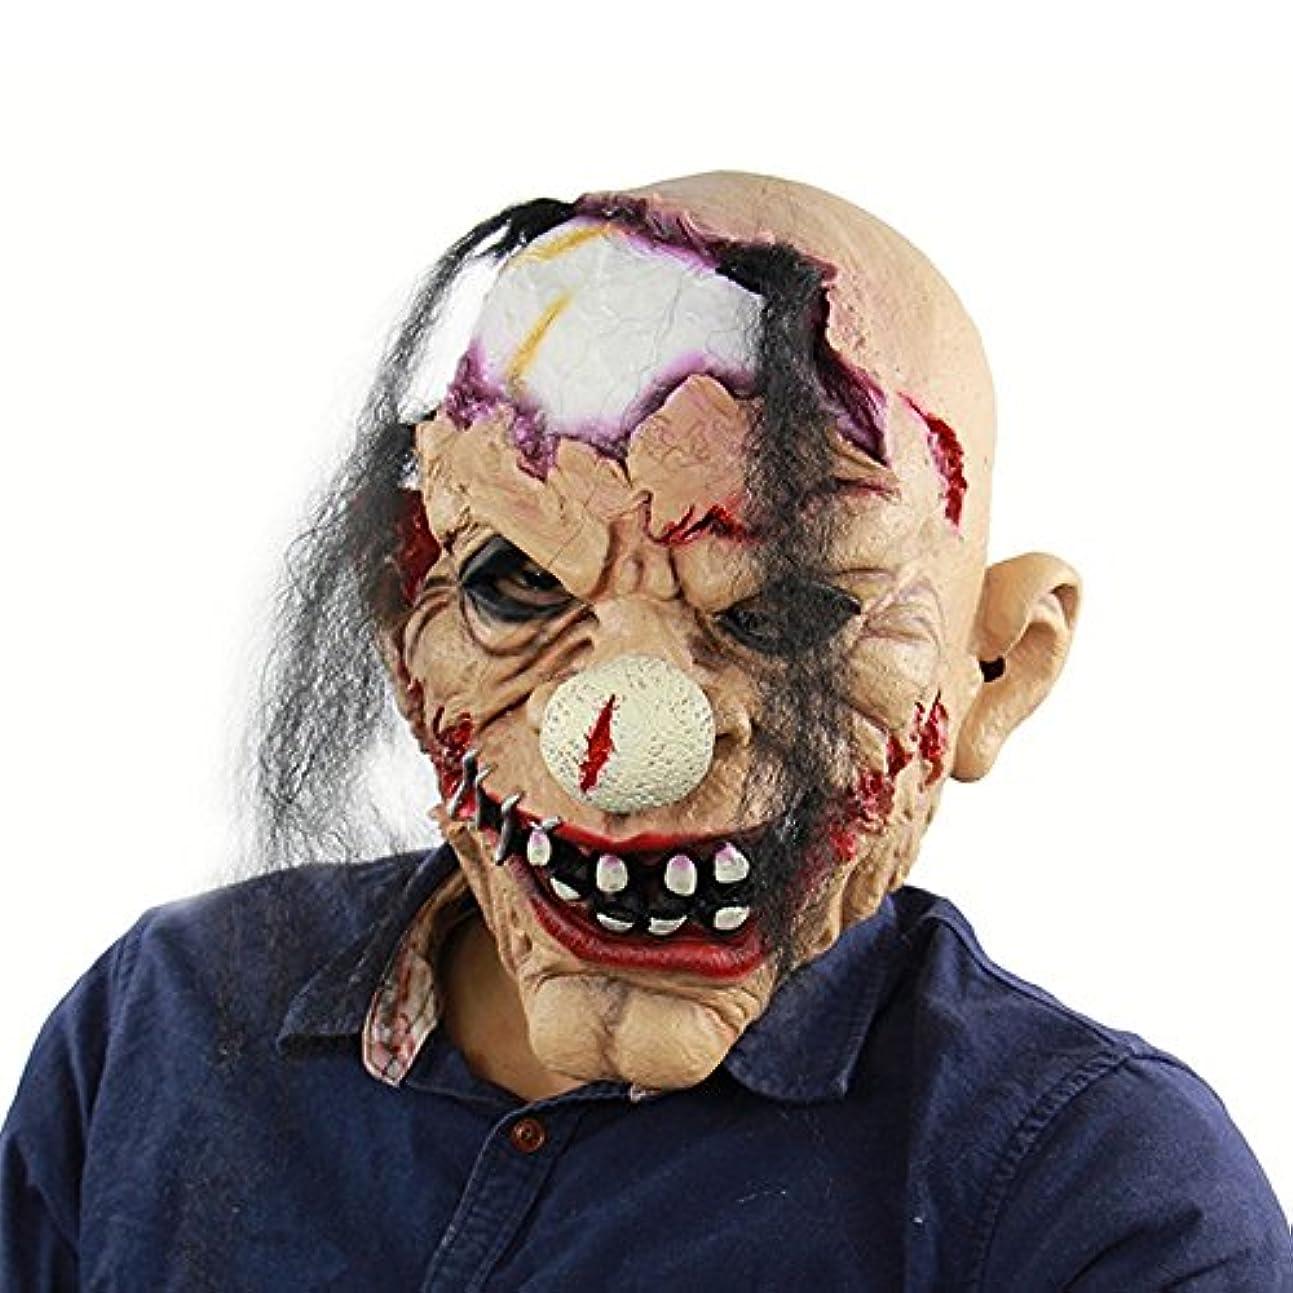 エジプト人マイクロブラウズホラーゾンビピエロラテックスフードハロウィーンお化け屋敷ドレスアップゴーストマスク